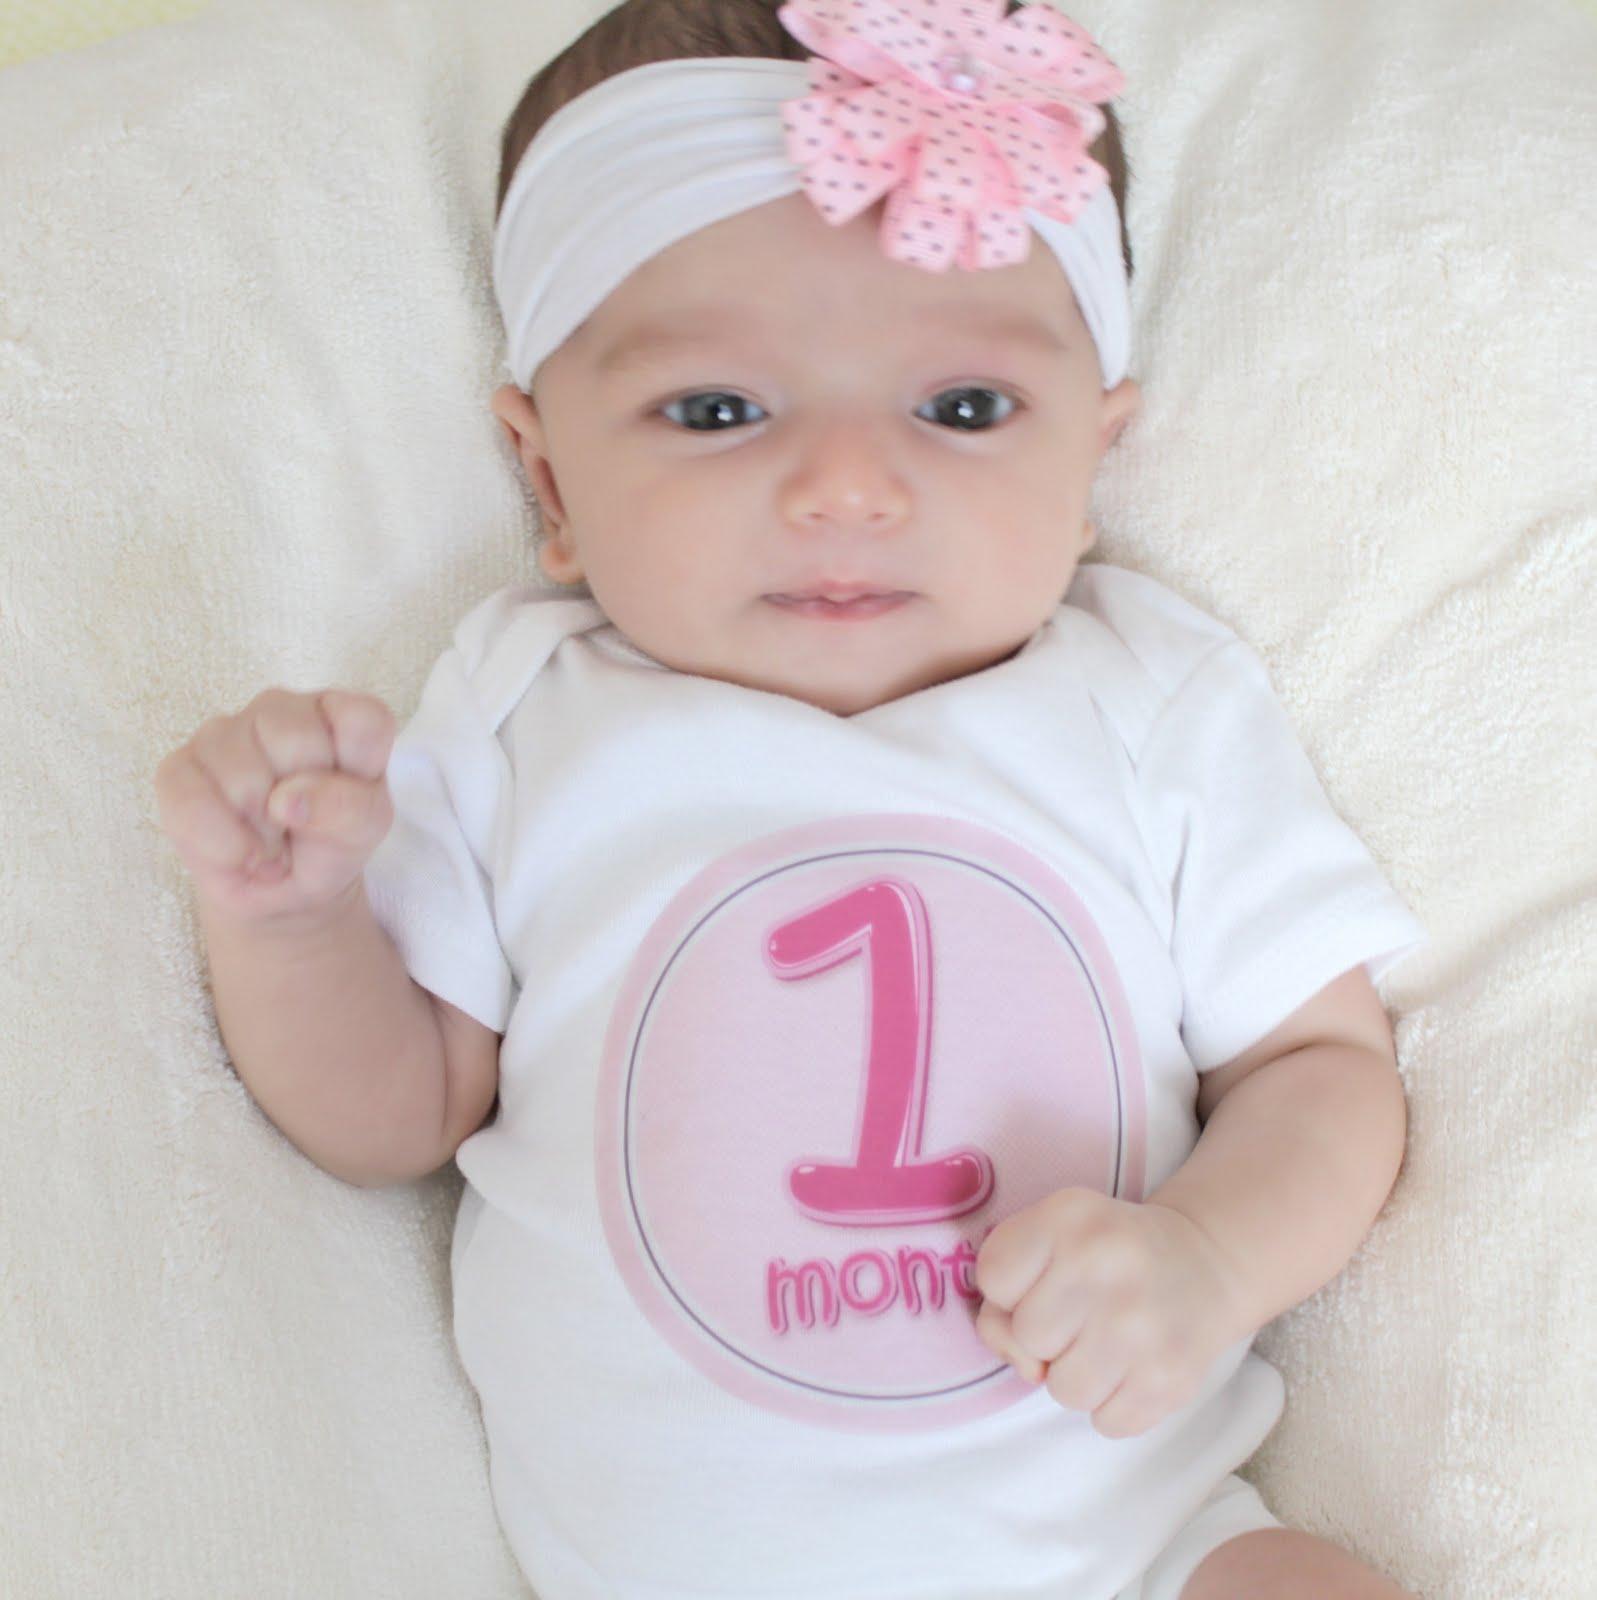 stimulasi perkembangan bayi